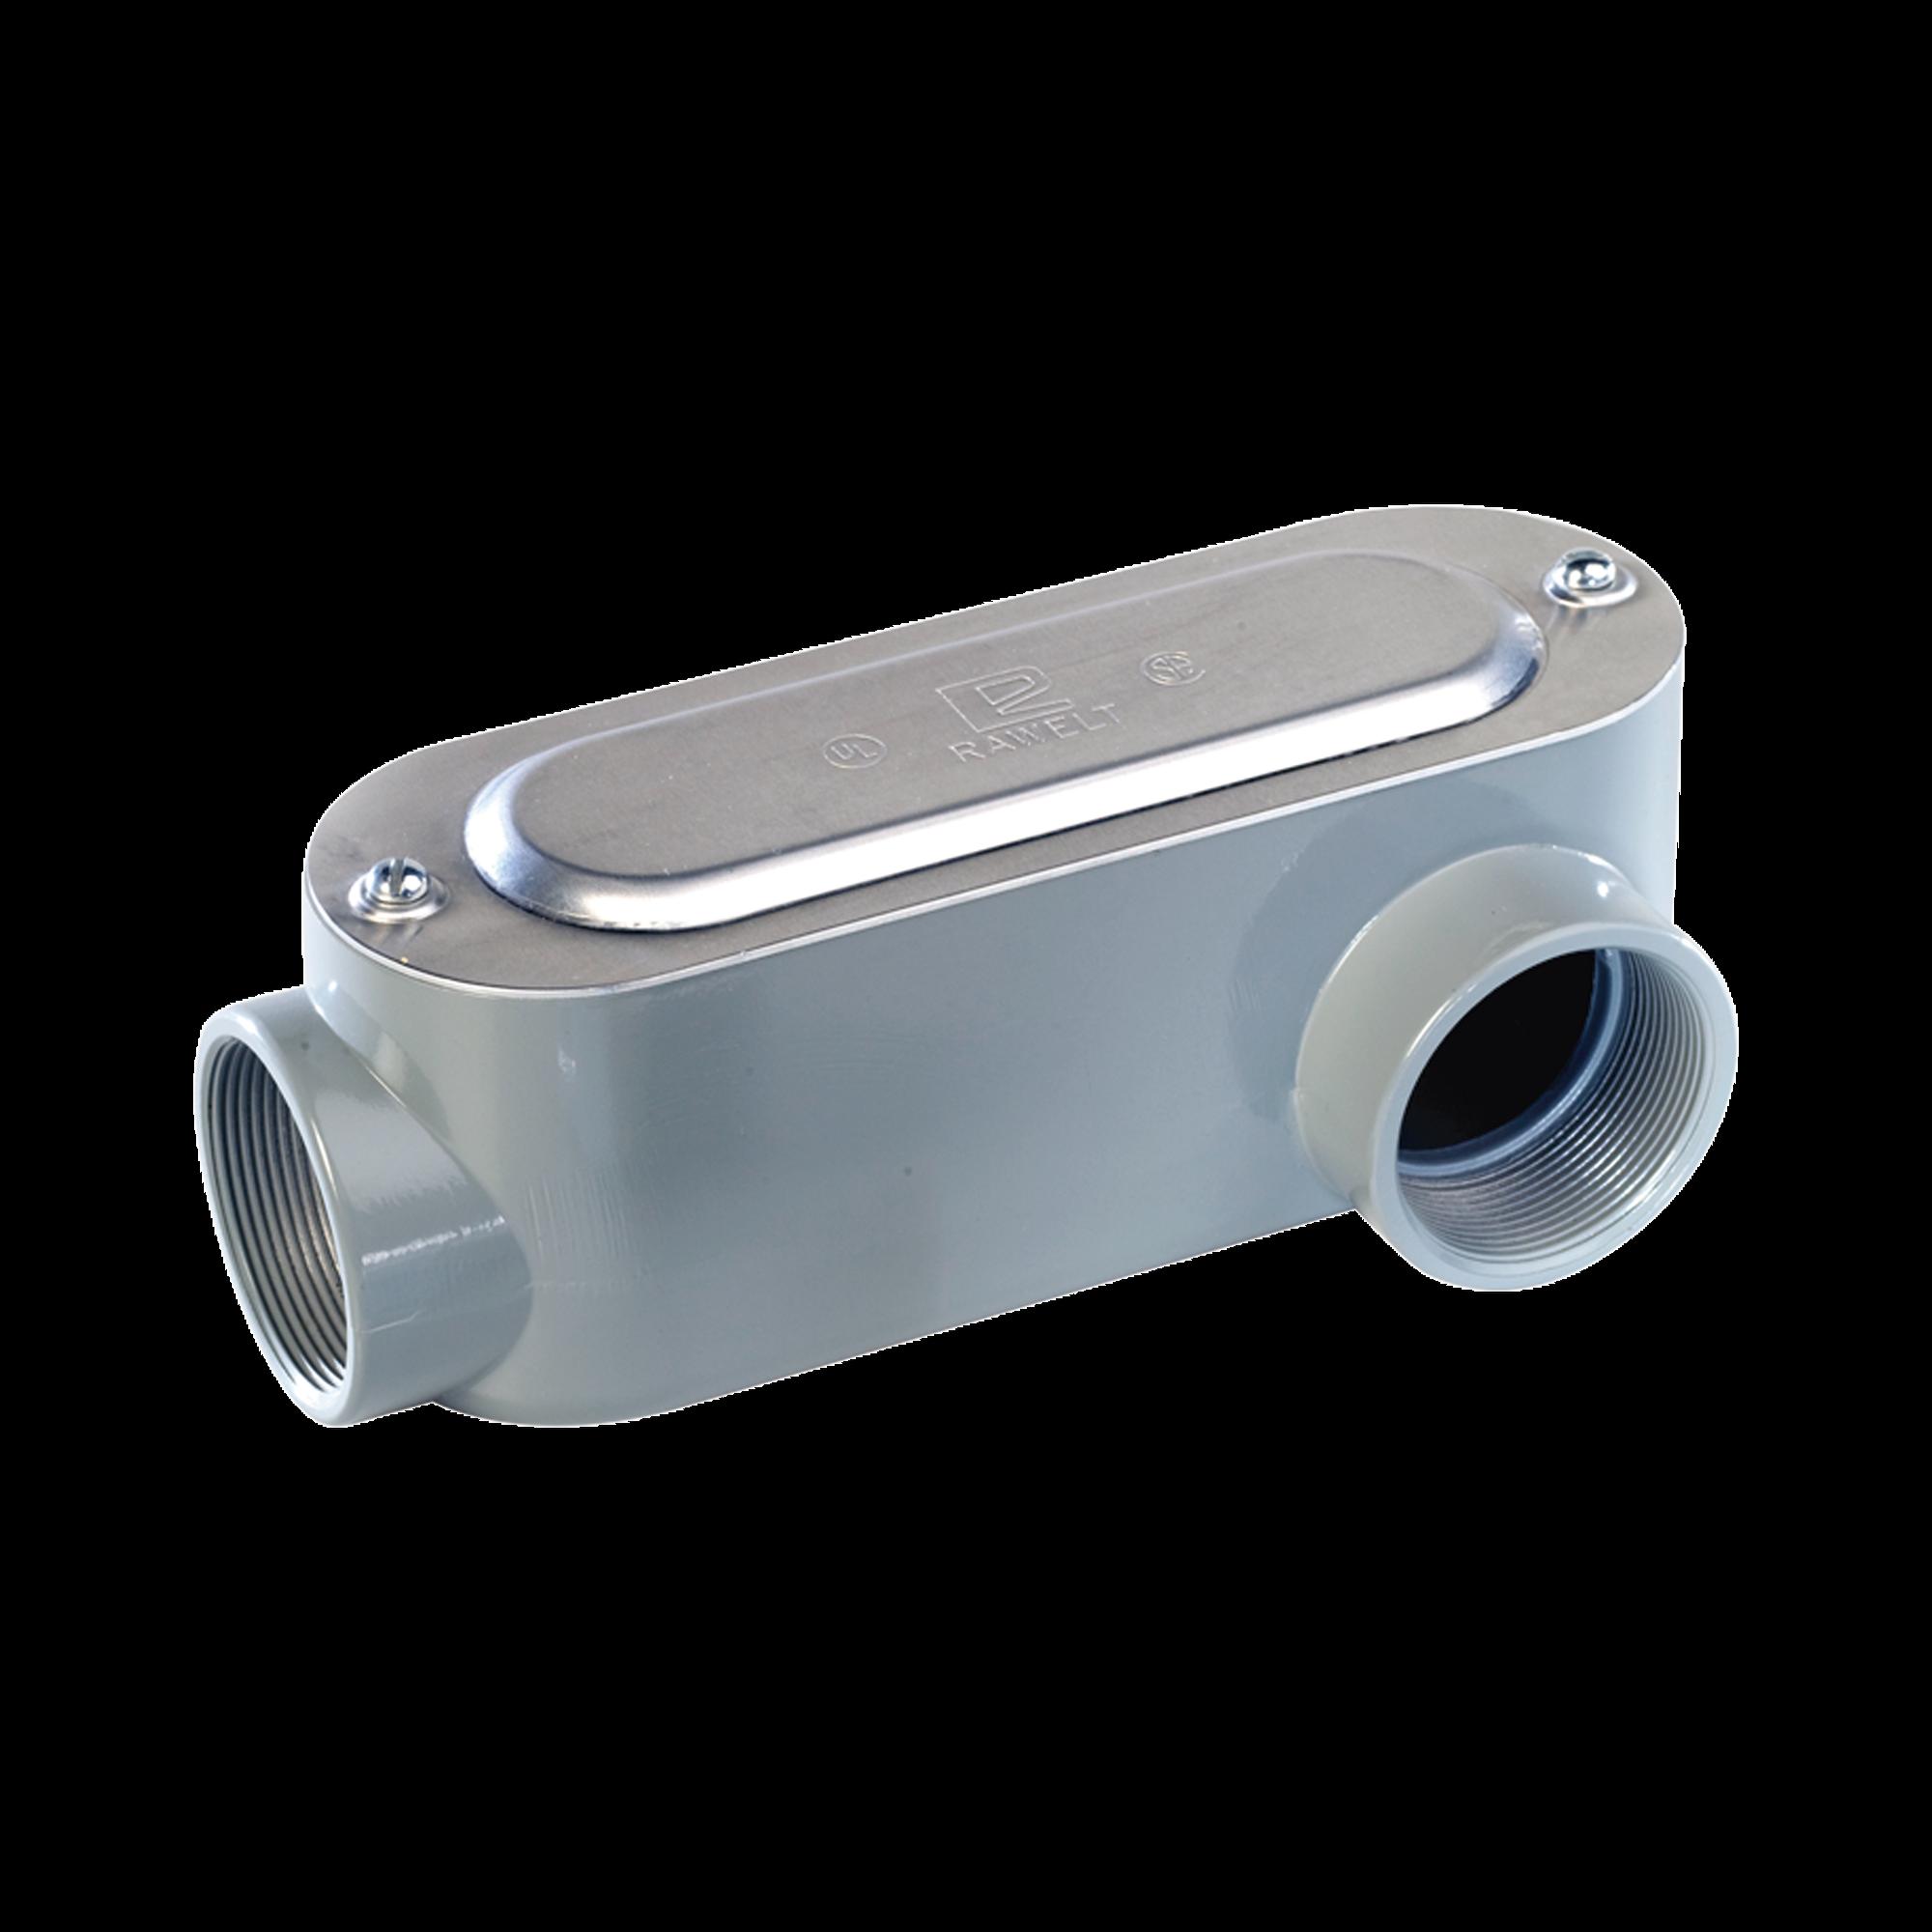 Caja Condulet tipo LL de 1 (25.4 mm) Incluye tapa y tornillos.